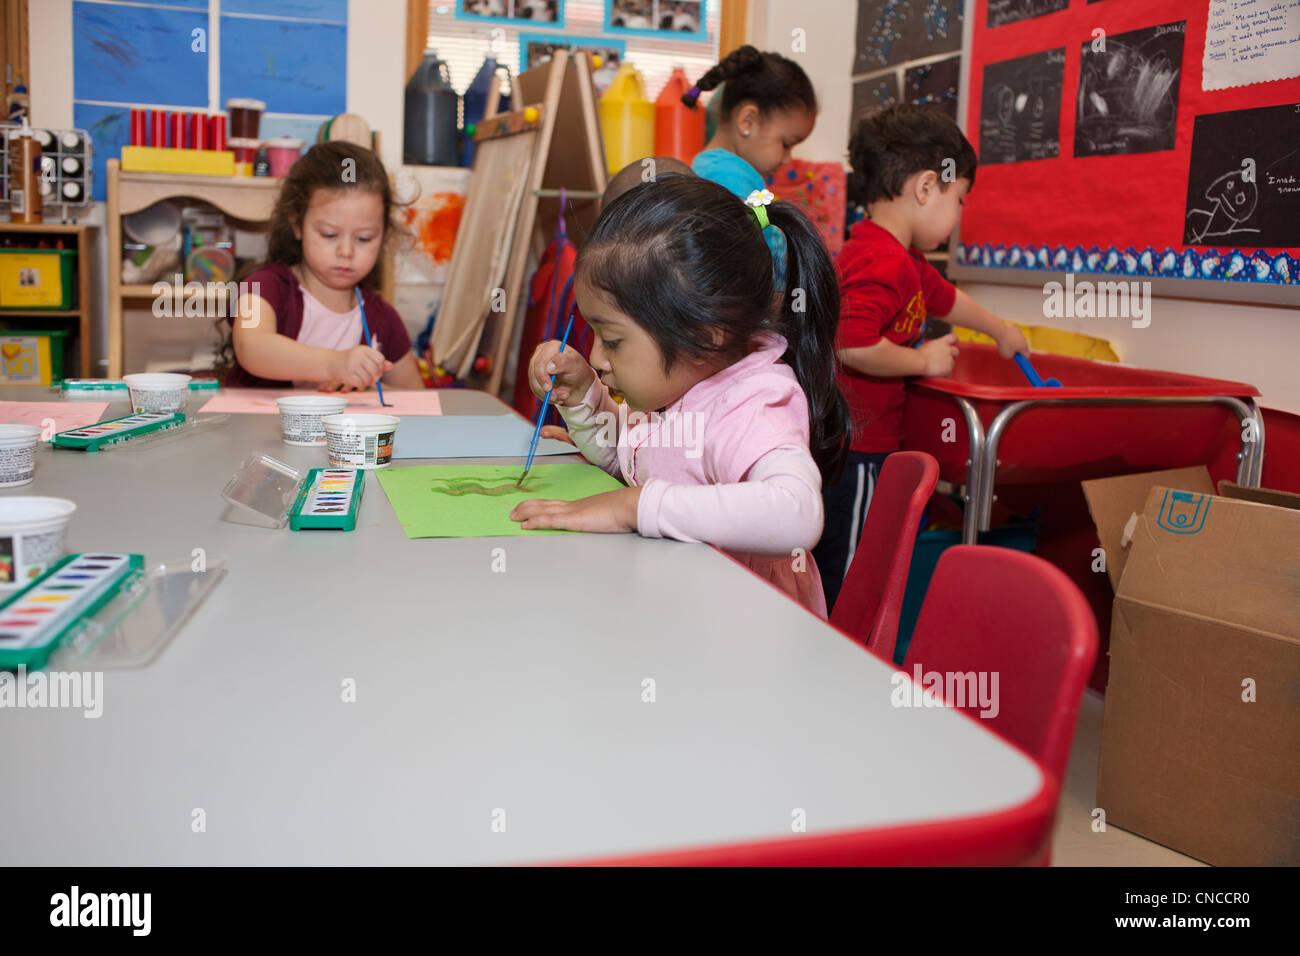 Preschool children in classroom Stock Photo